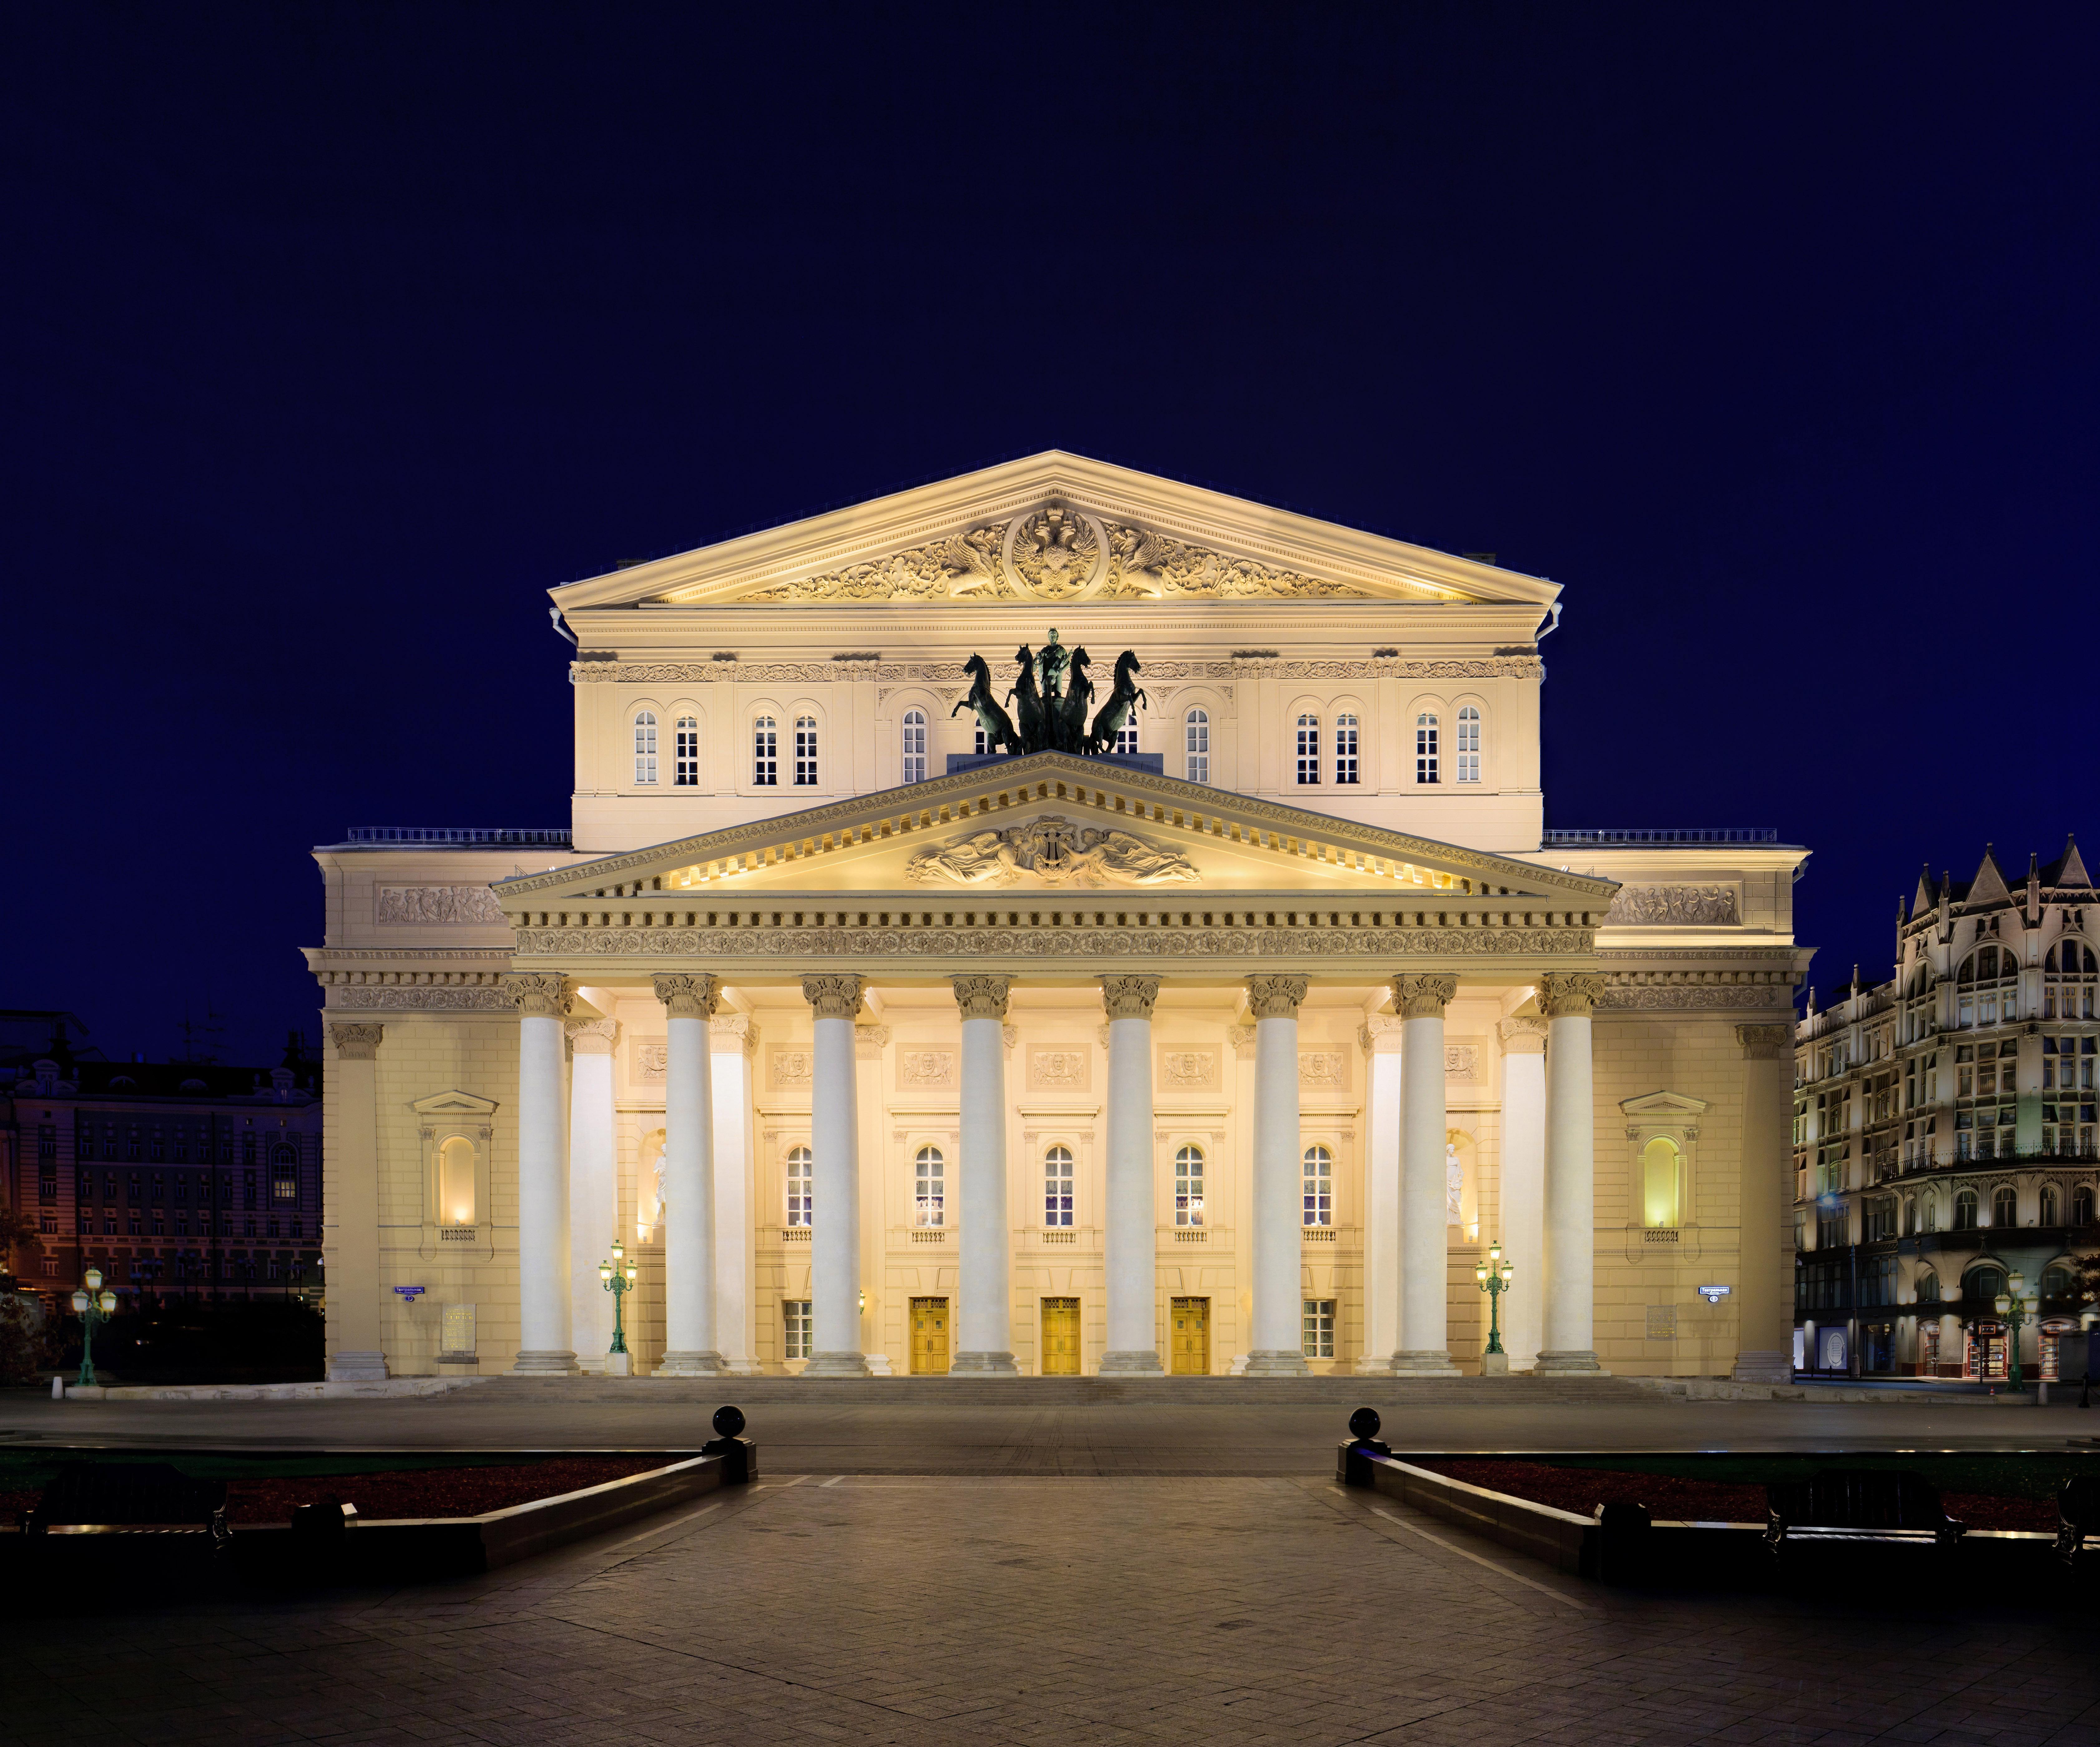 bolshoi_en_wikipedia_org.jpg